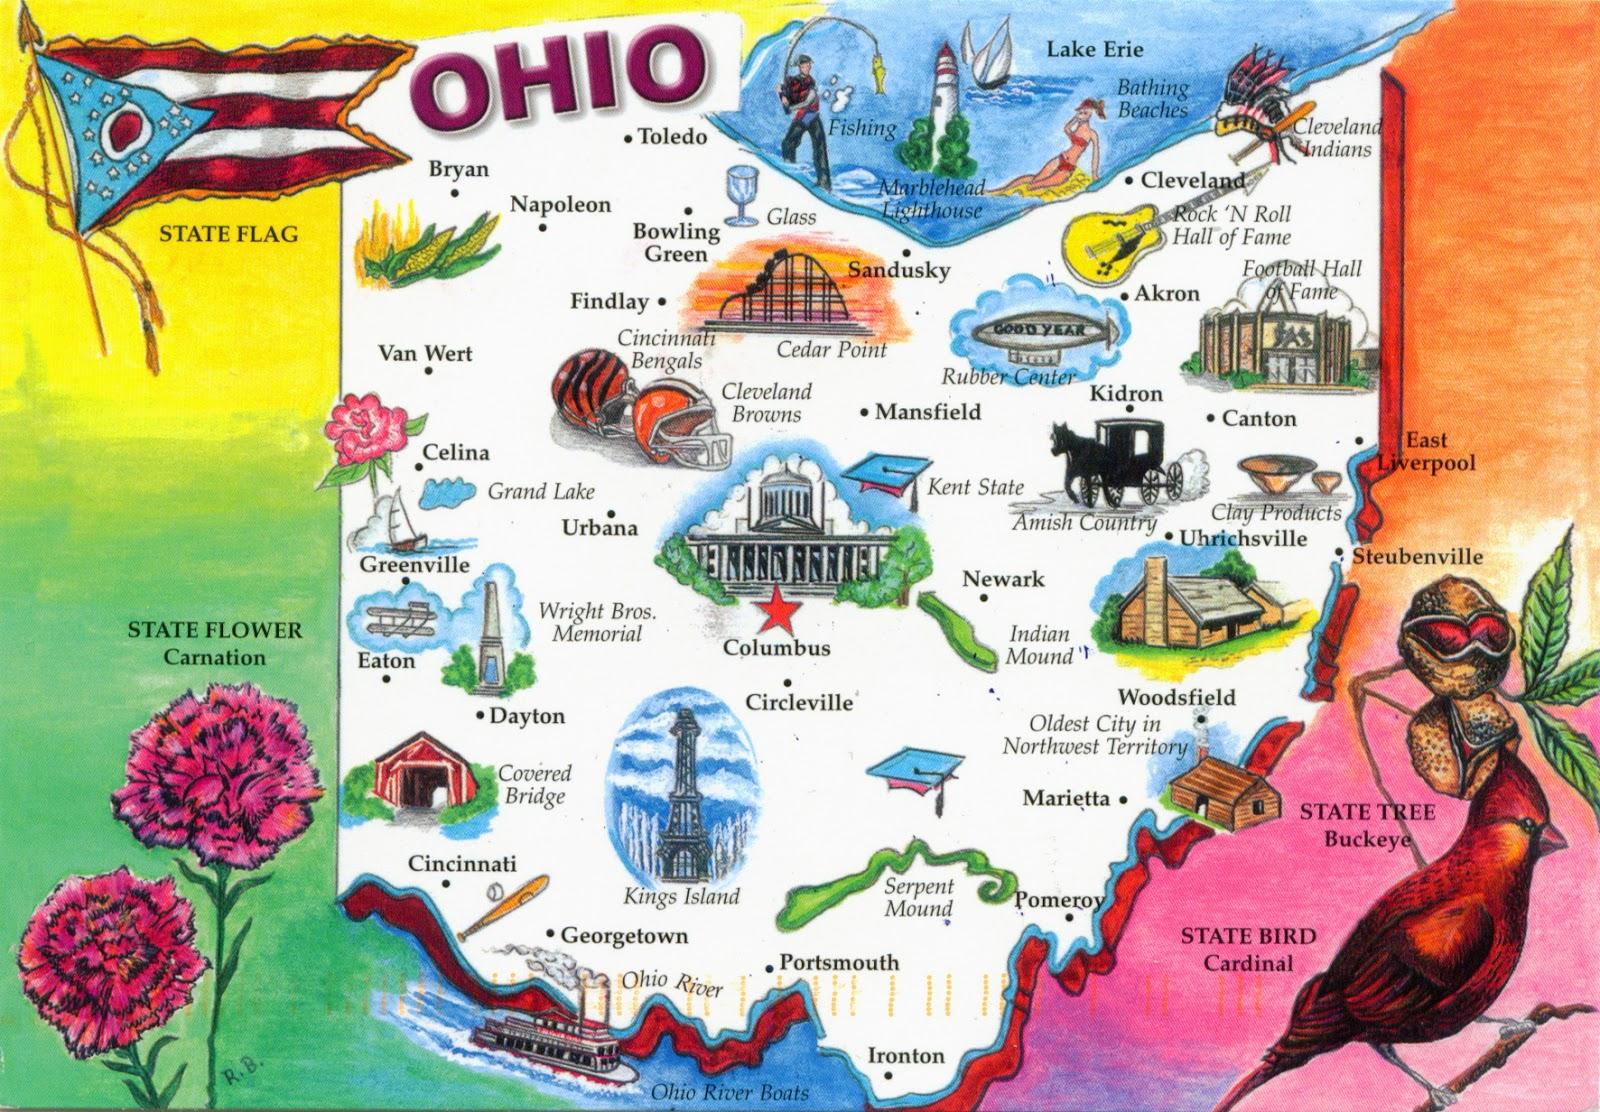 1355 ESTADOS UNIDOS (Ohio) - Mapa de Ohio y la bandera - Mapas ...